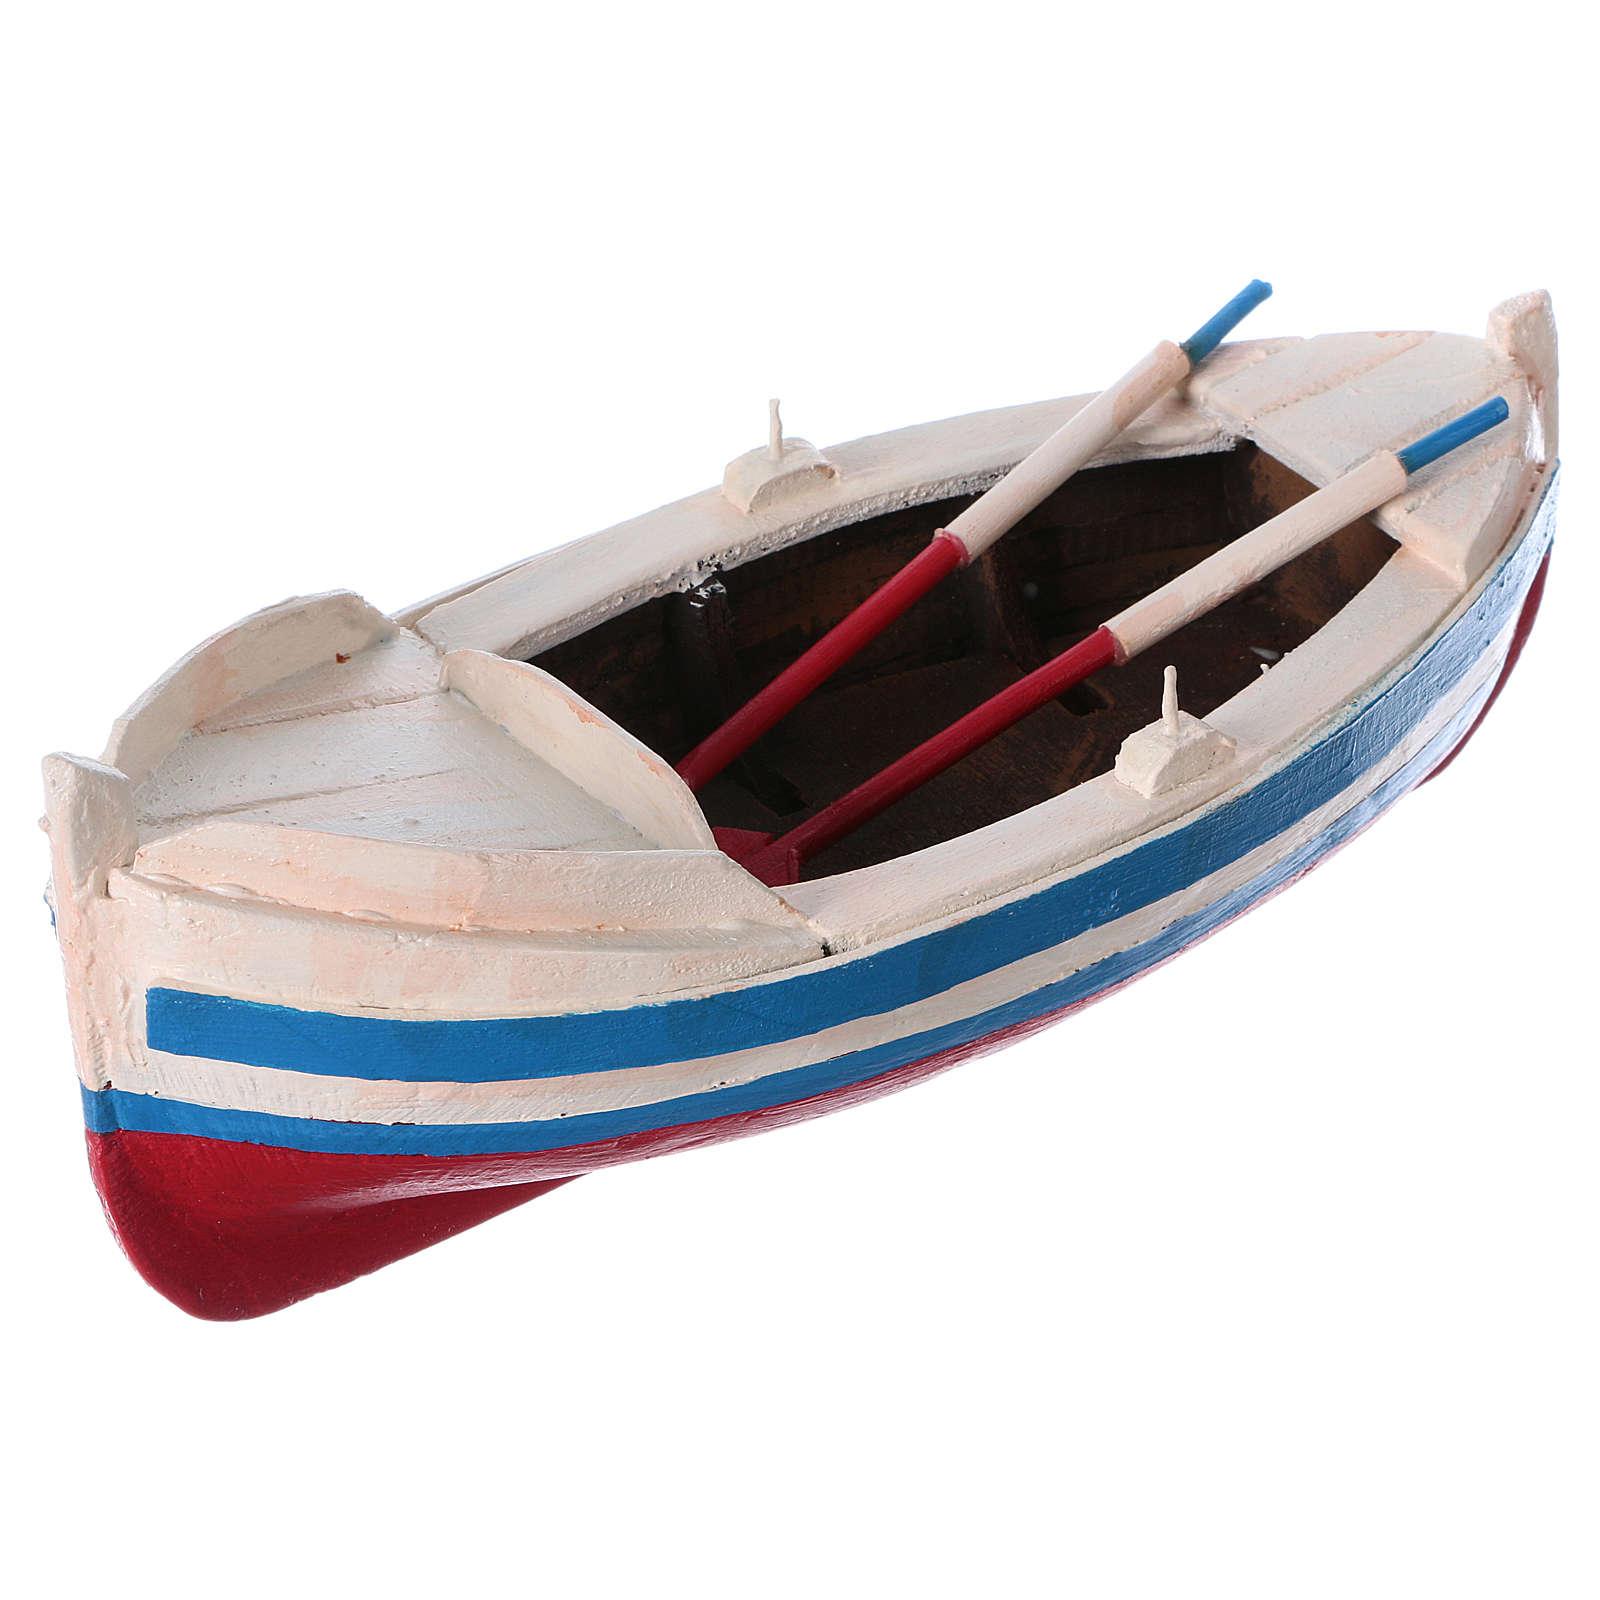 Boat for Nativity Scene 10 cm 4